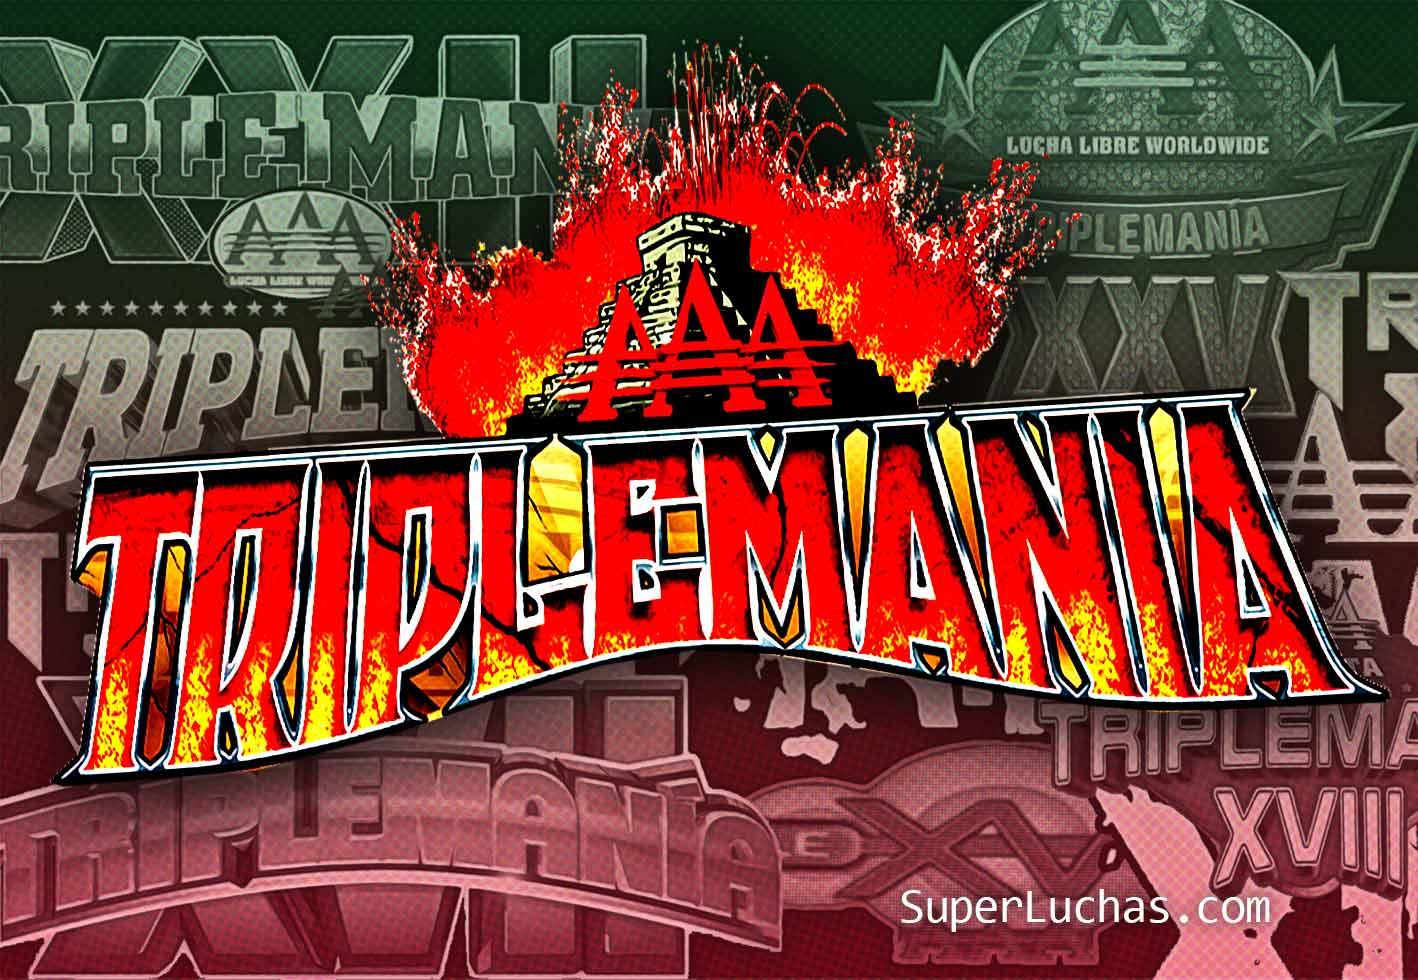 AAA Triplemania logo